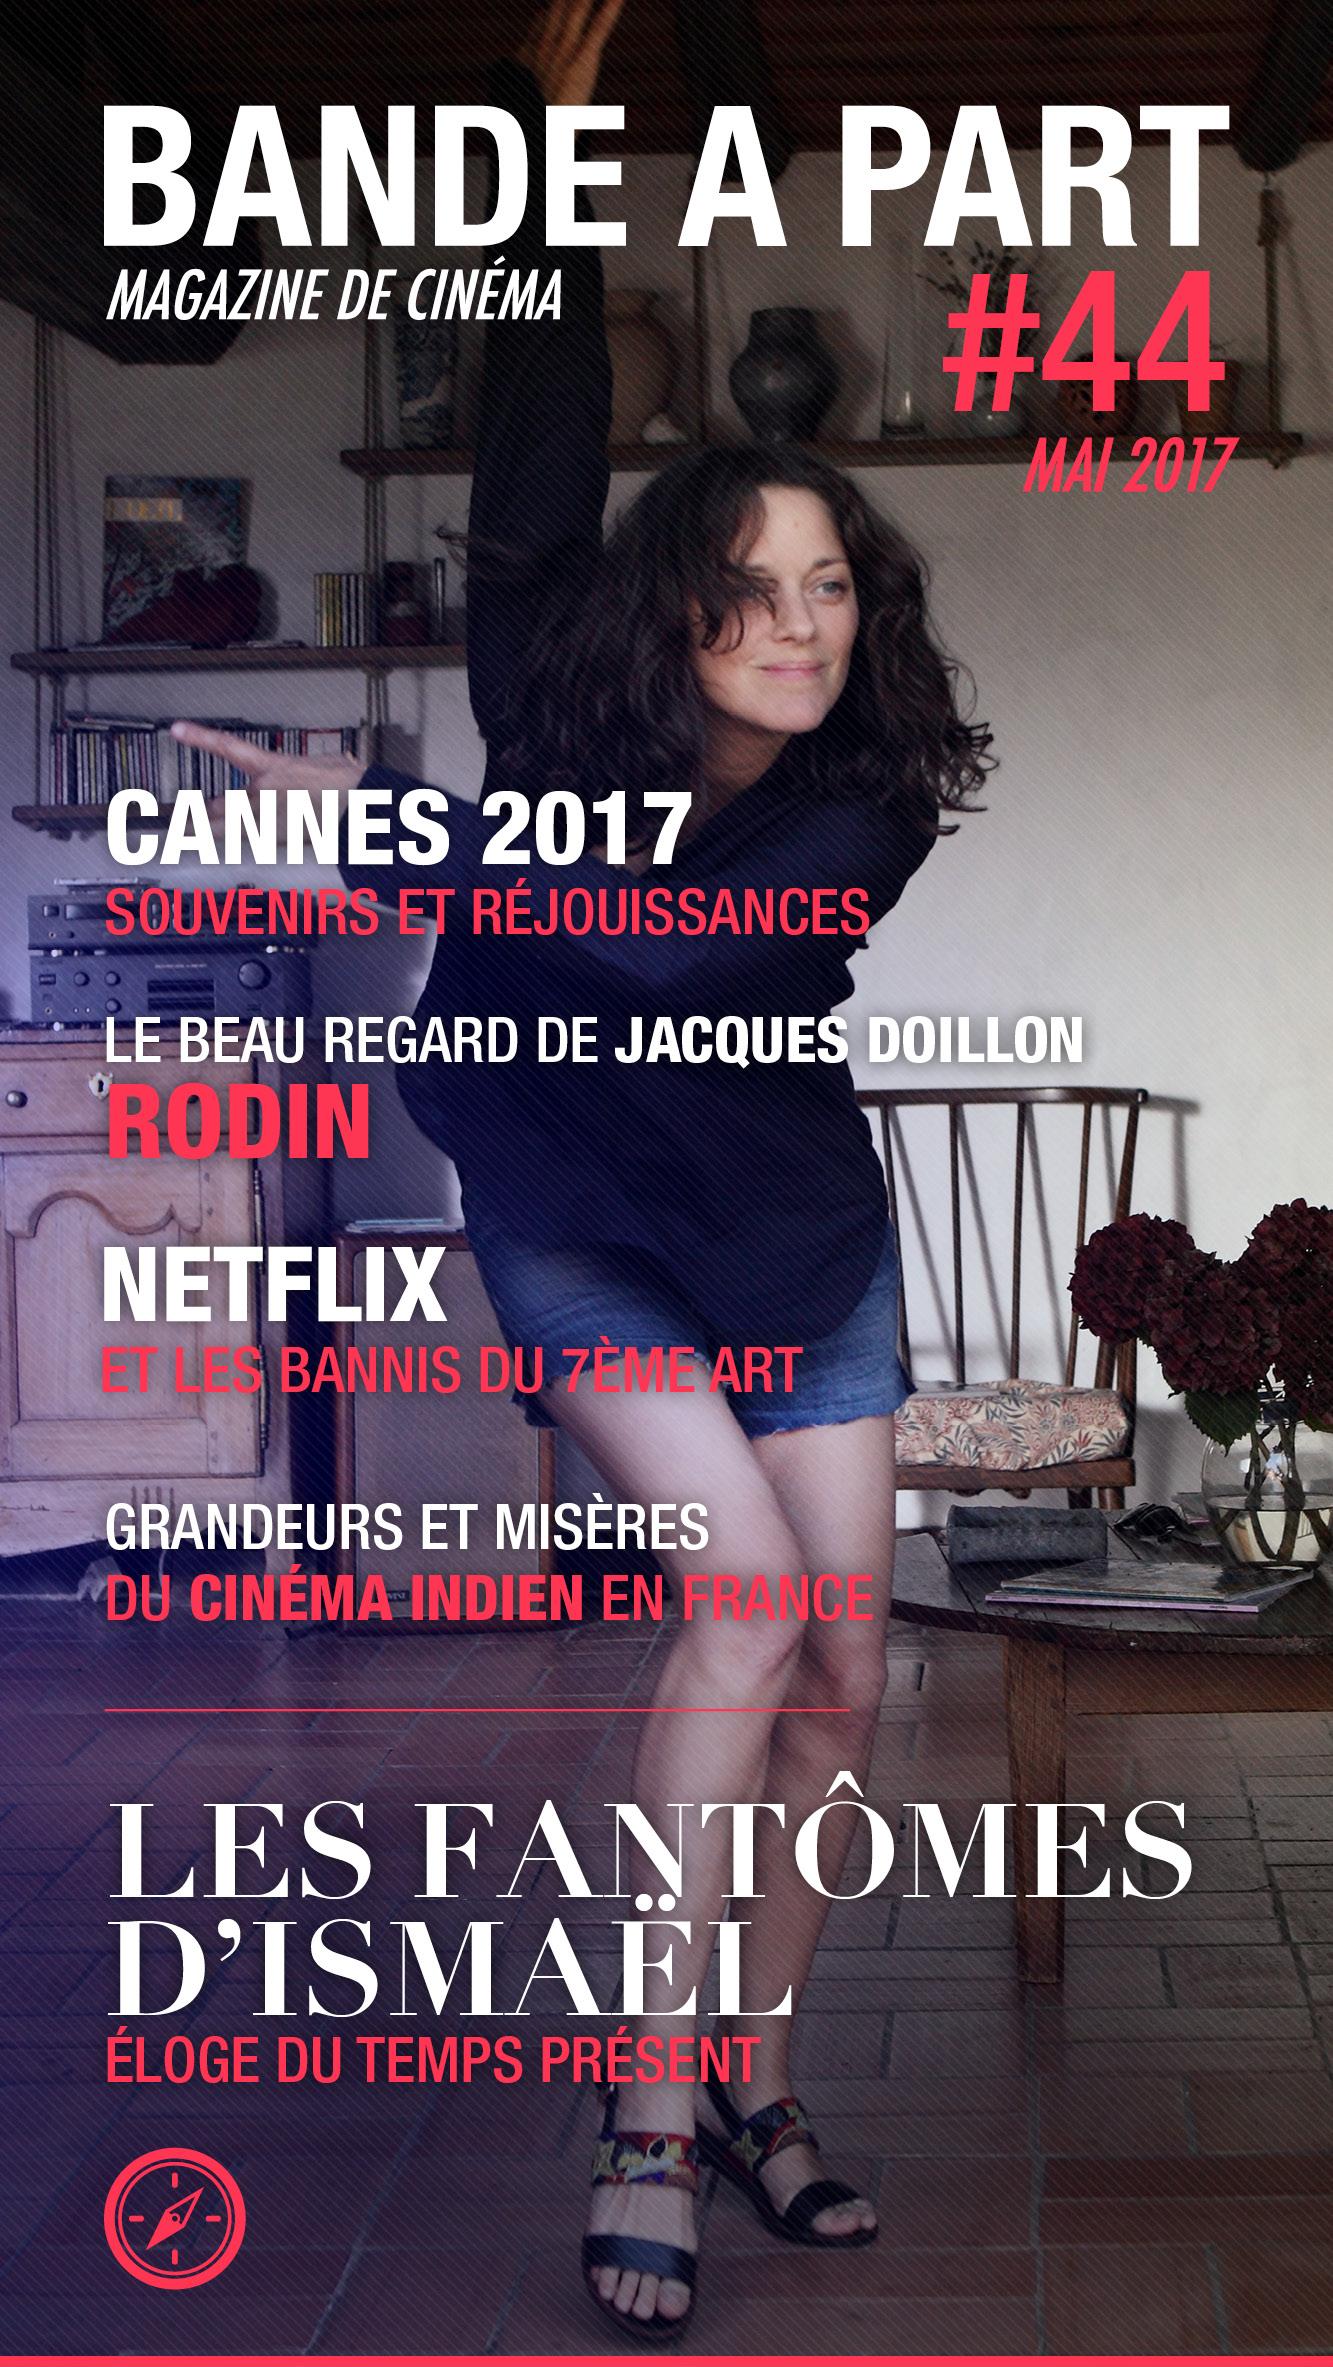 magazine-cinema-bande-a-part-44-fantome-d-ismael-couv